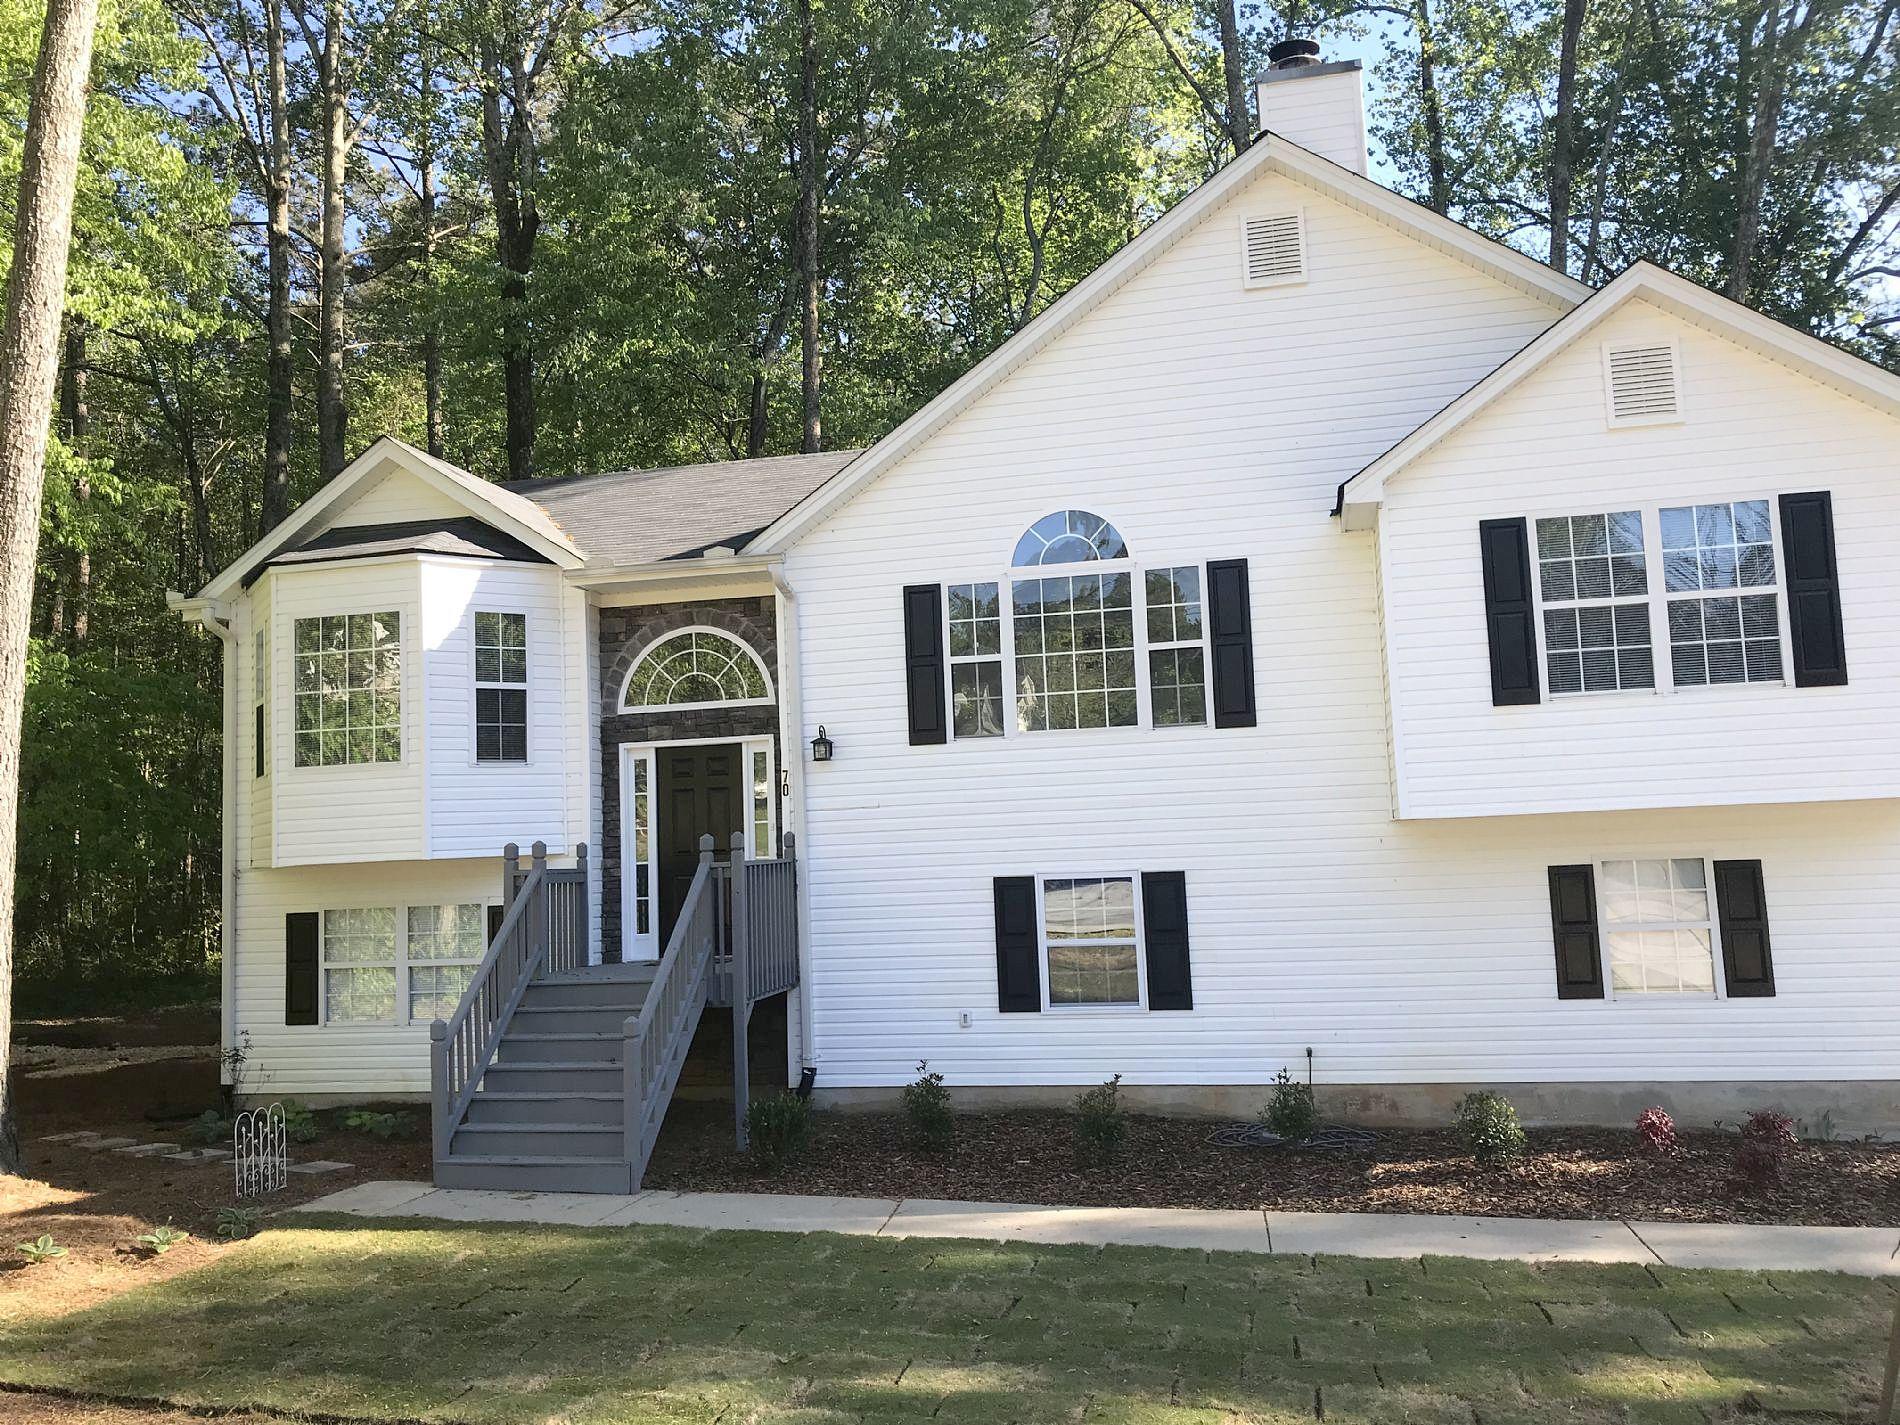 3 Bedrooms / 3 Bathrooms - Est. $1,301.00 / Month* for rent in Carrollton, GA